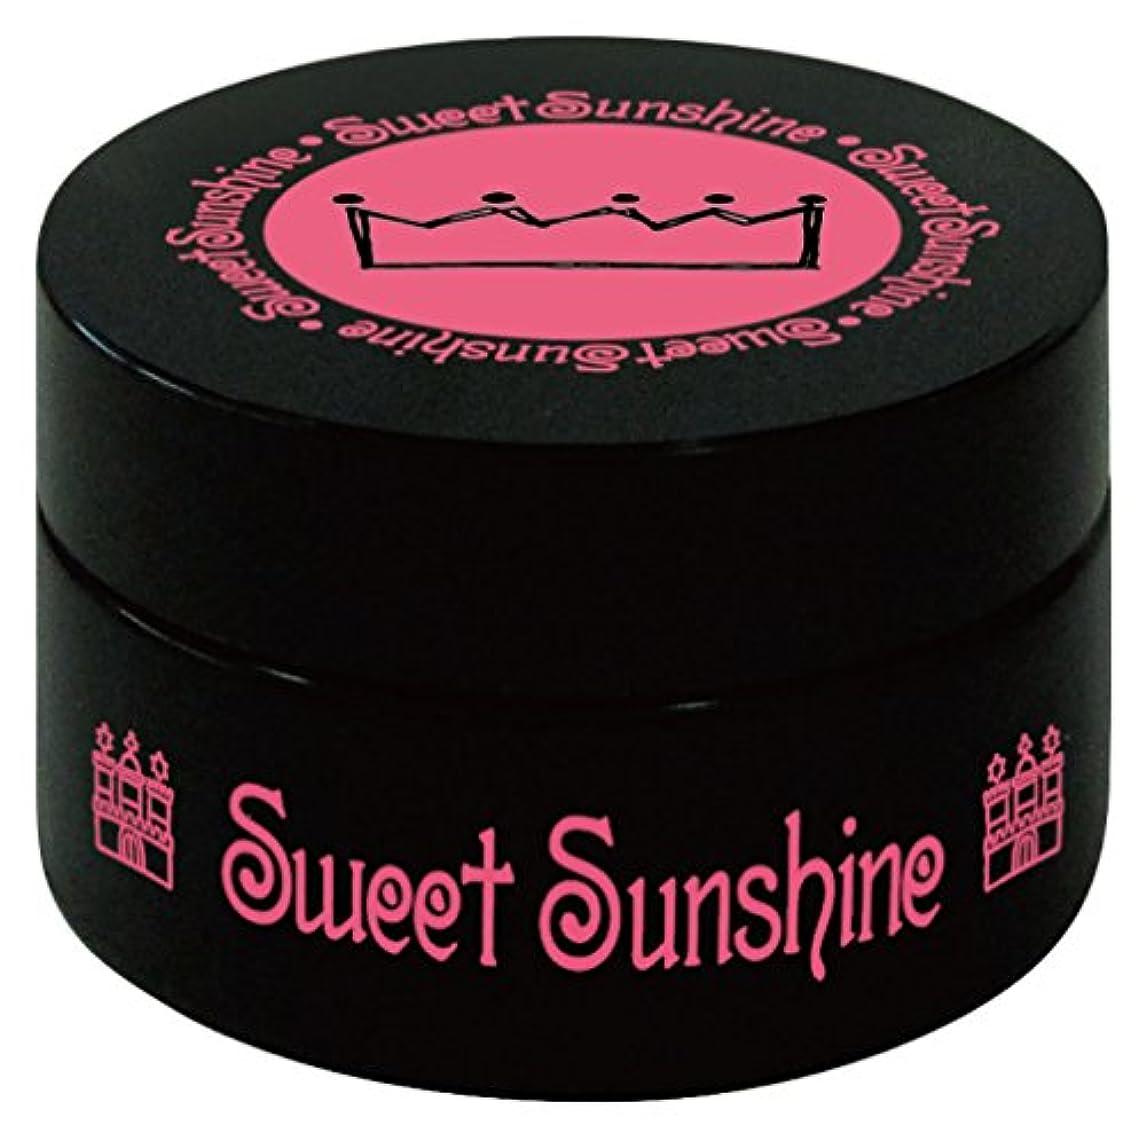 確認埋め込む雪最速硬化LED対応 Sweet Sunshine スィート サンシャイン カラージェル SC-139 4g ストロベリーアイス